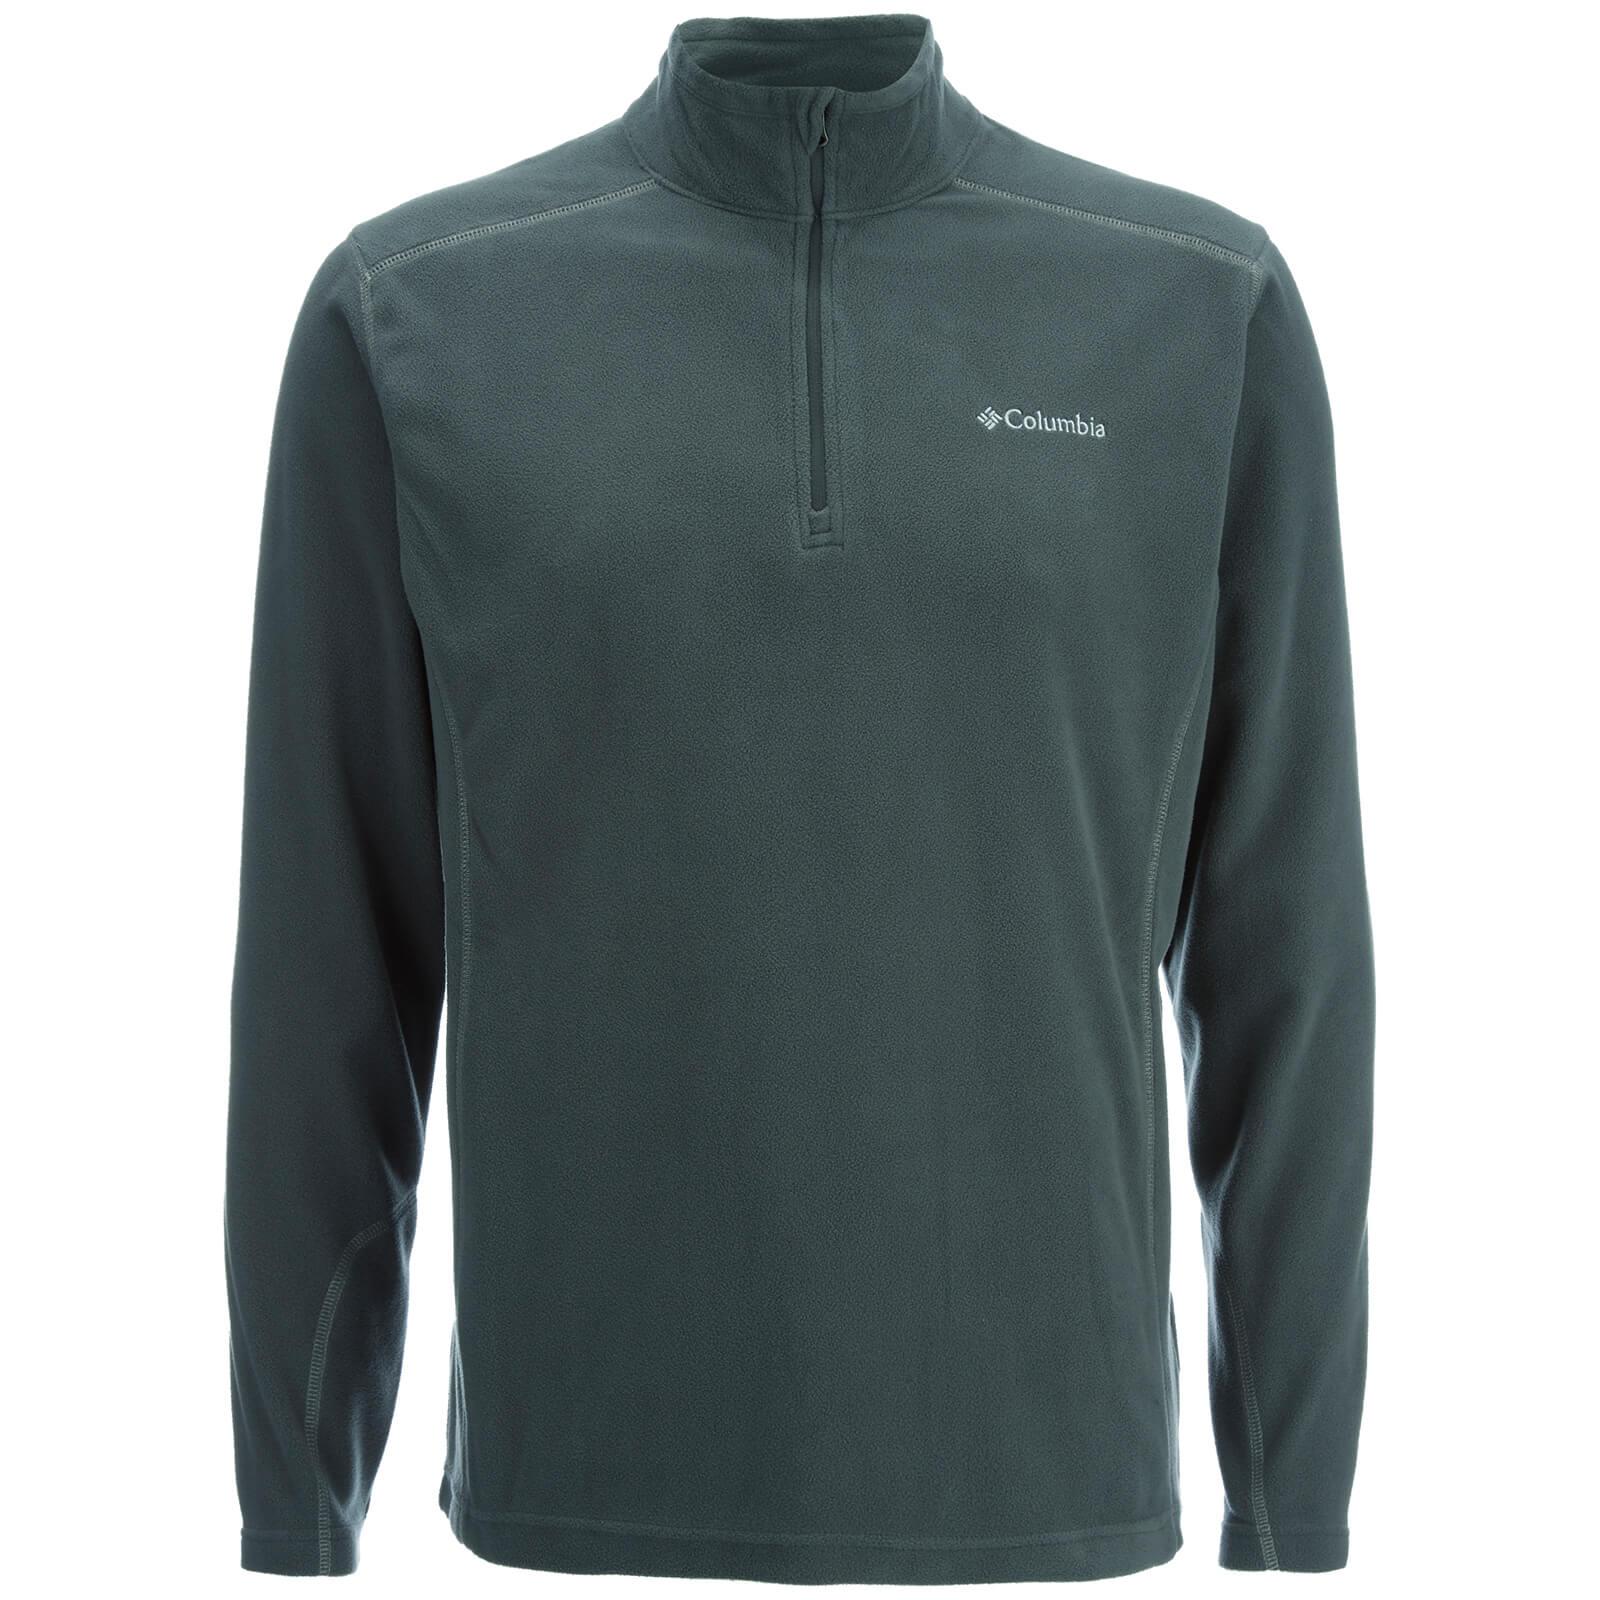 Columbia Men's Klamath Range 2 Half Zip Fleece - Grill - M - Grey